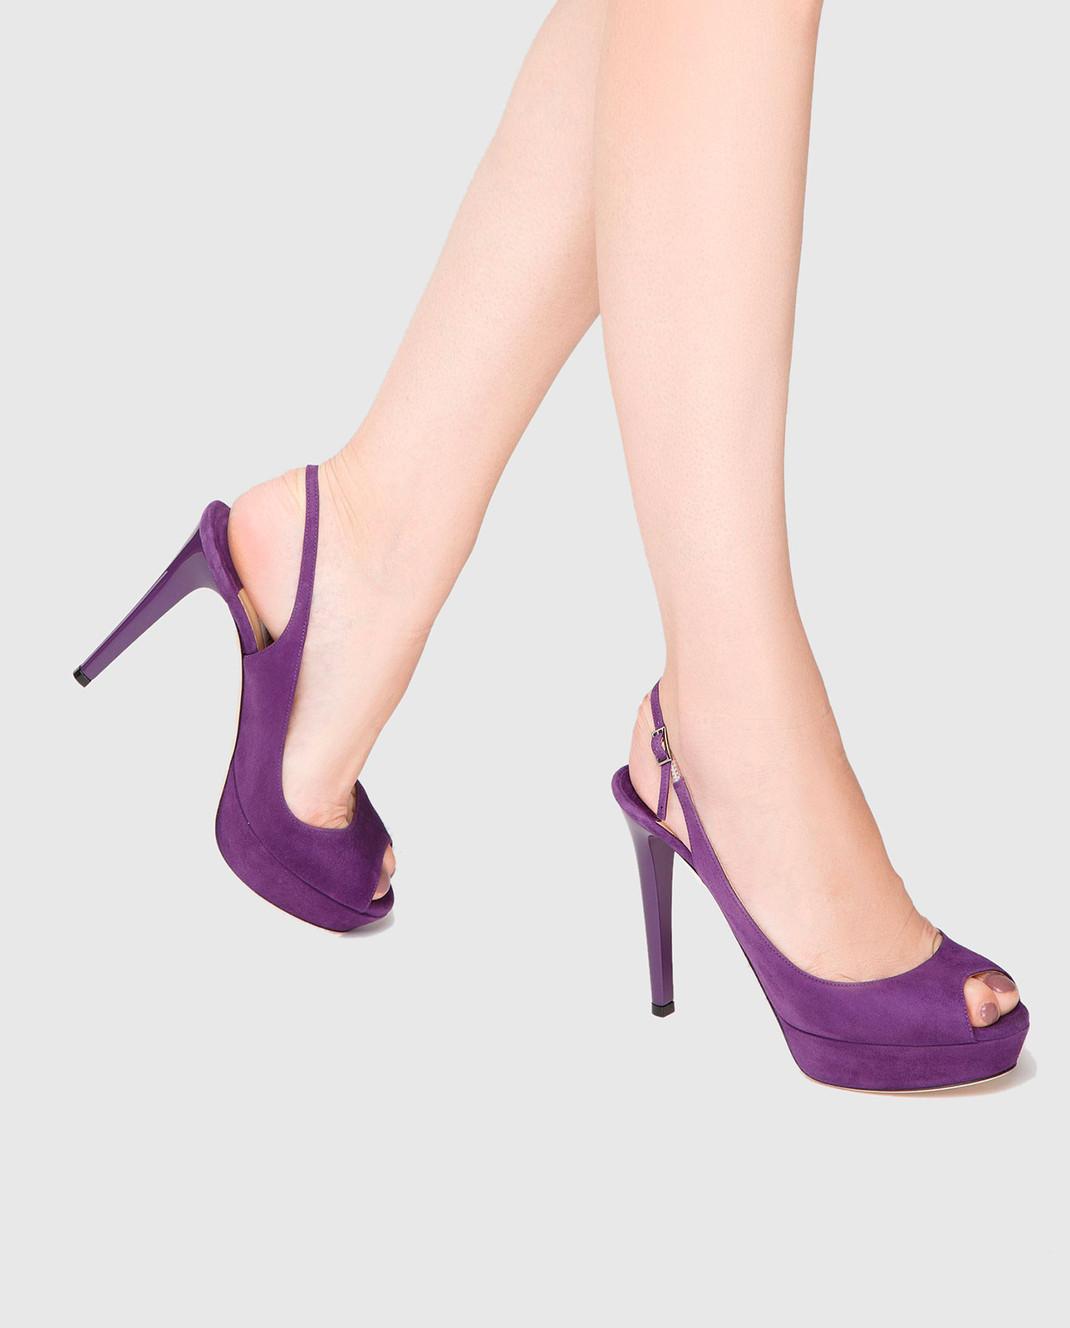 Jimmy Choo Фиолетовые замшевые босоножки VERITY115SUE изображение 2